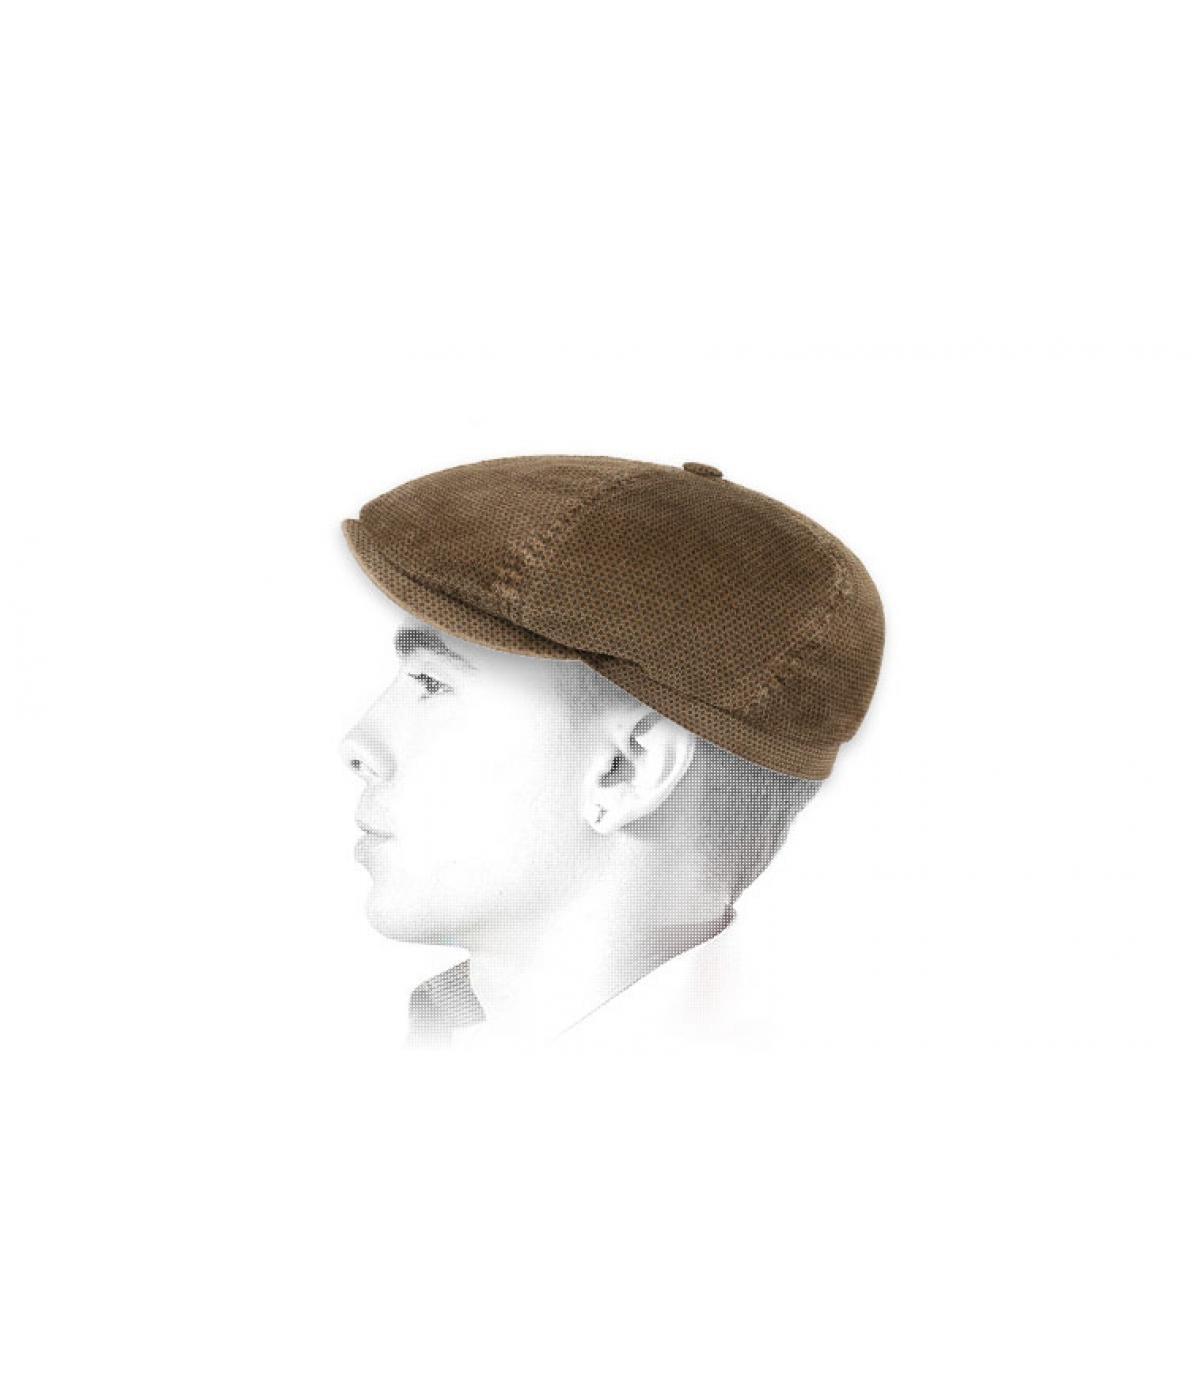 gorra repartidor pana marrón